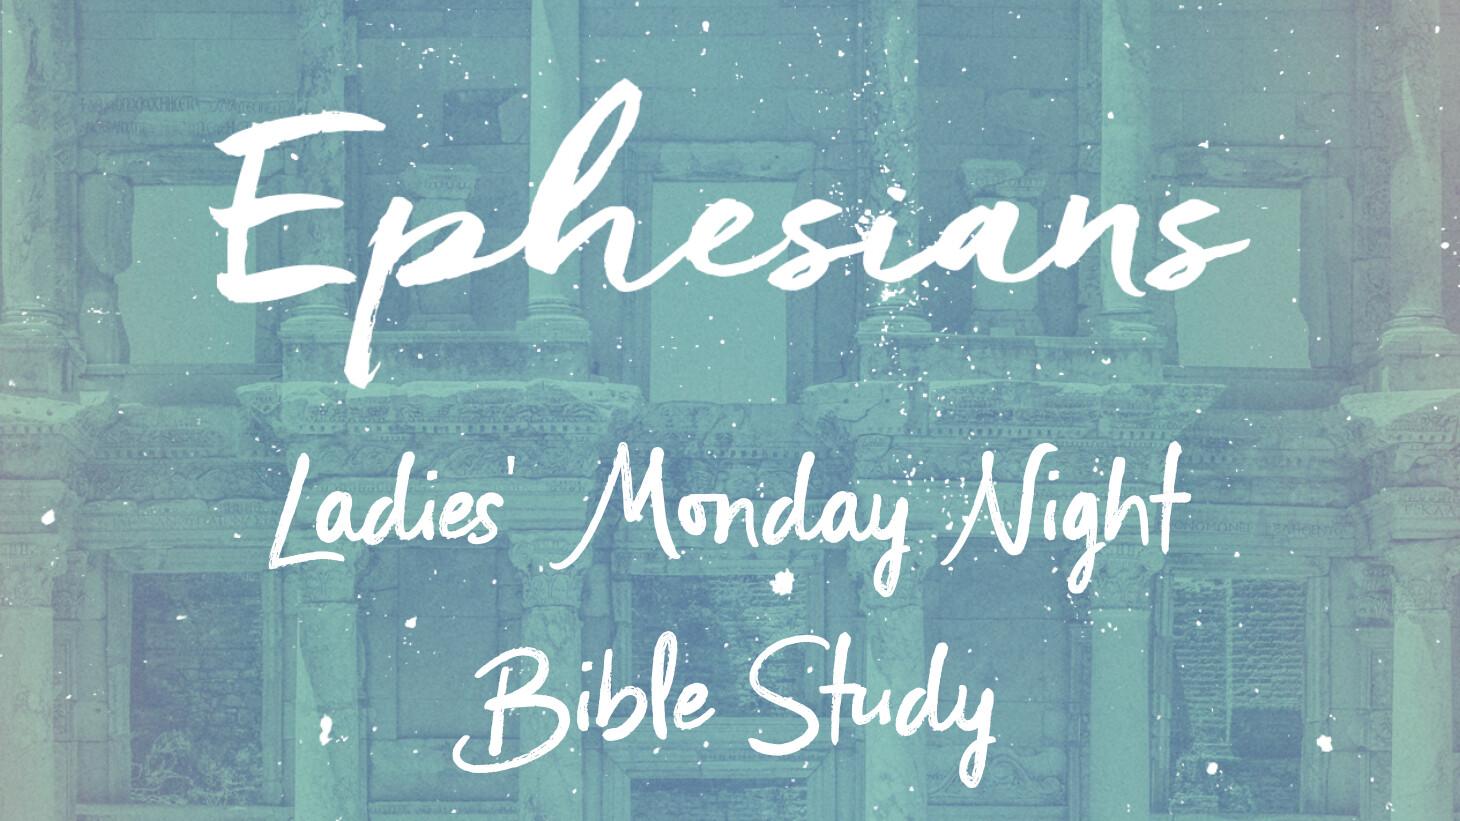 Ladies Bible Study | Ephesians